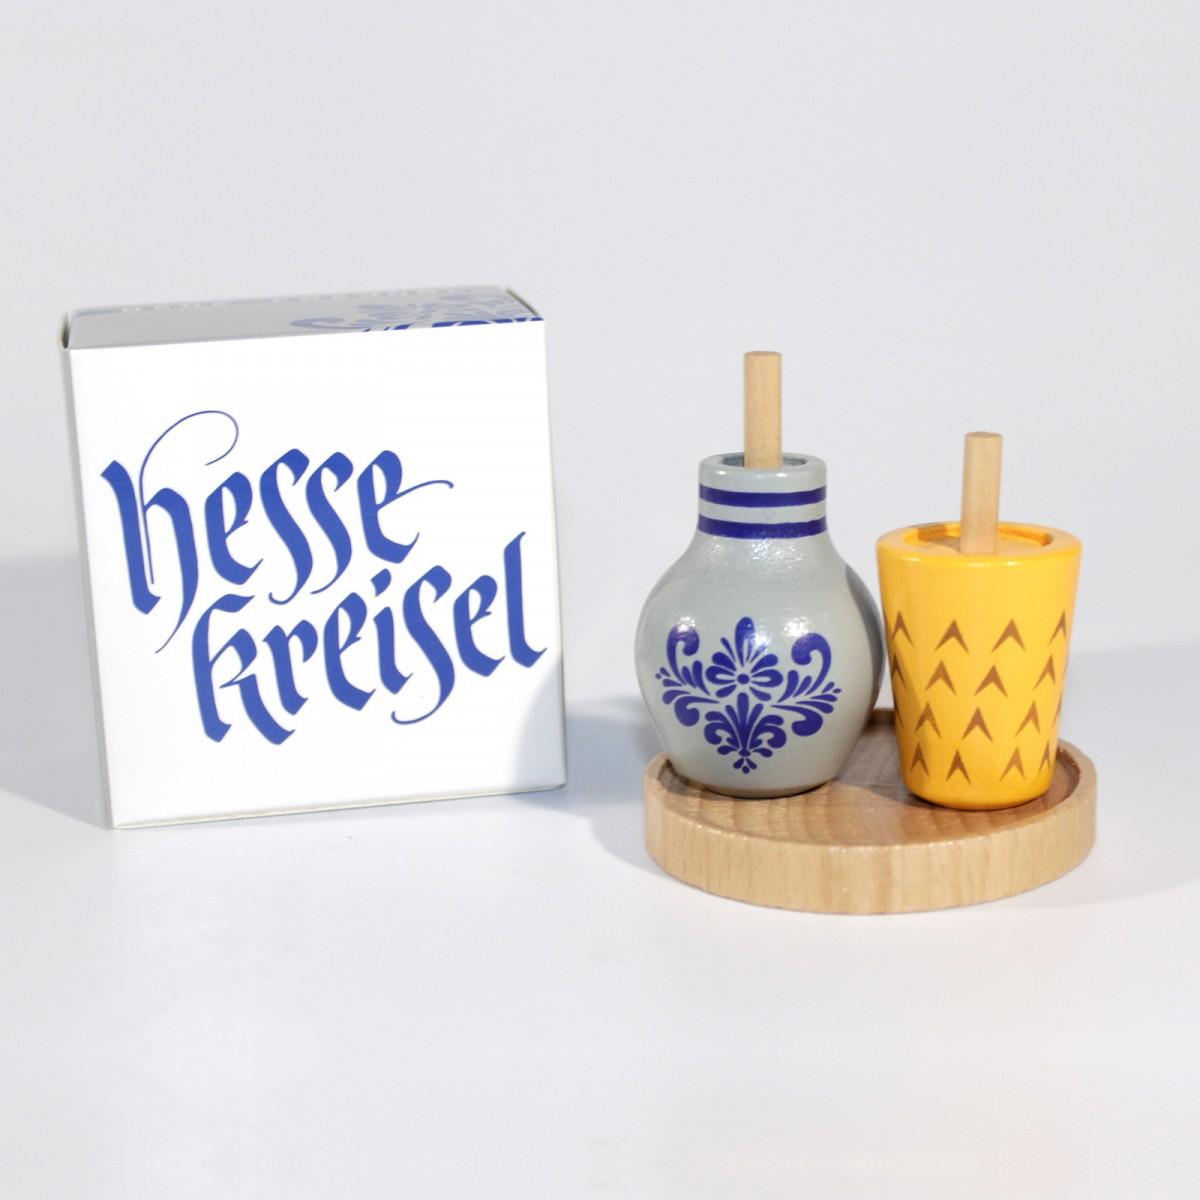 Hesse Kreisel - Bembel und Geripptes als Kreisel - von Neue Freunde